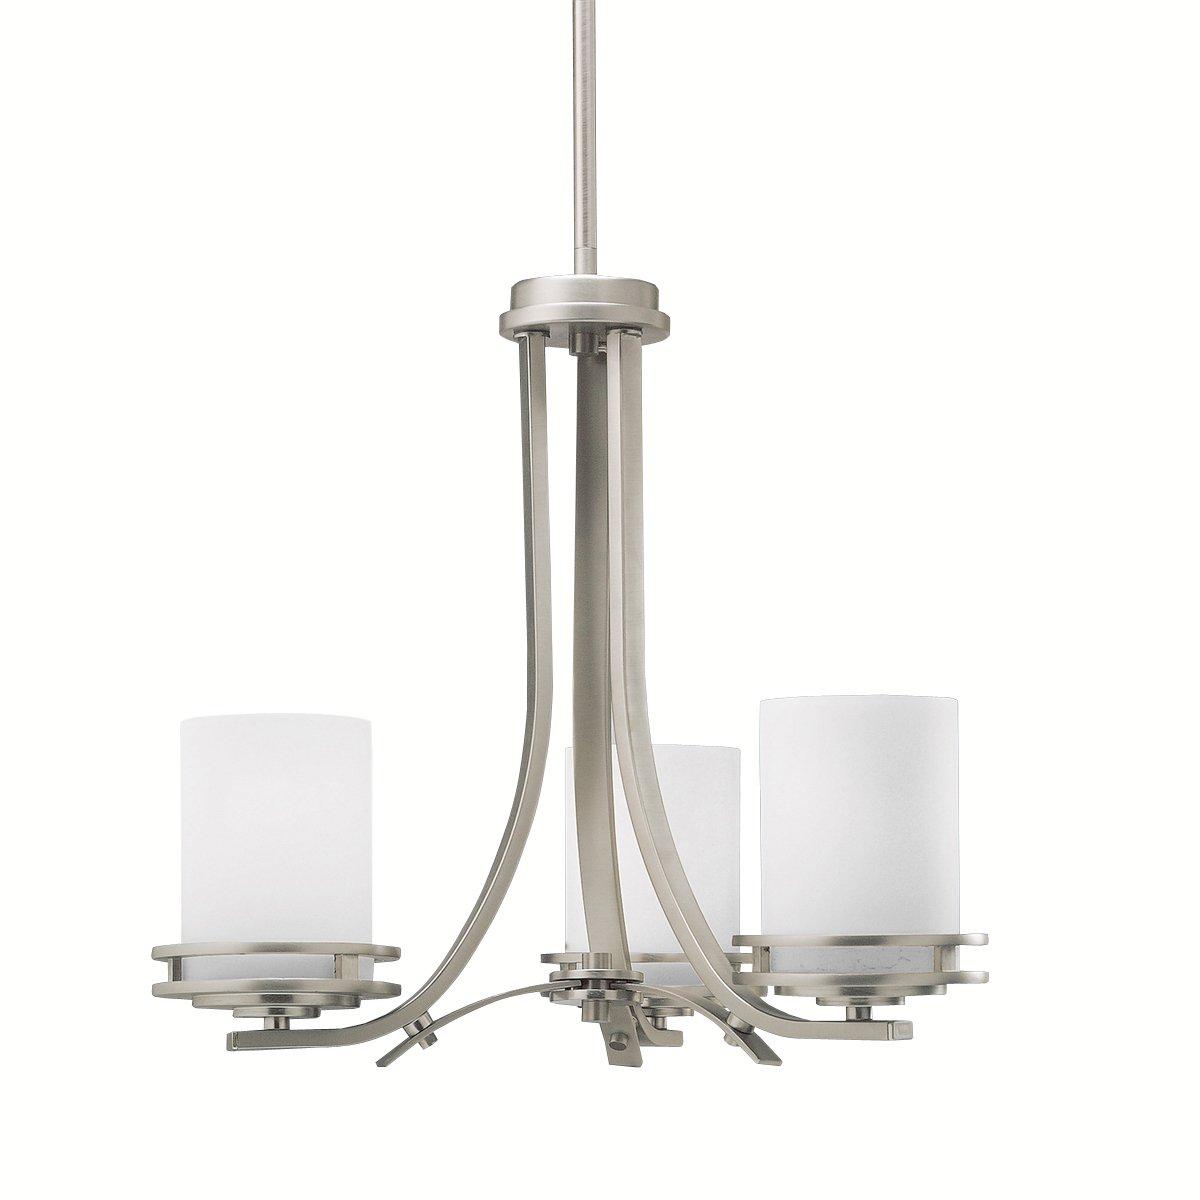 Kichler 1671ni chandelier 3 light brushed nickel chandeliers kichler 1671ni chandelier 3 light brushed nickel chandeliers amazon aloadofball Images